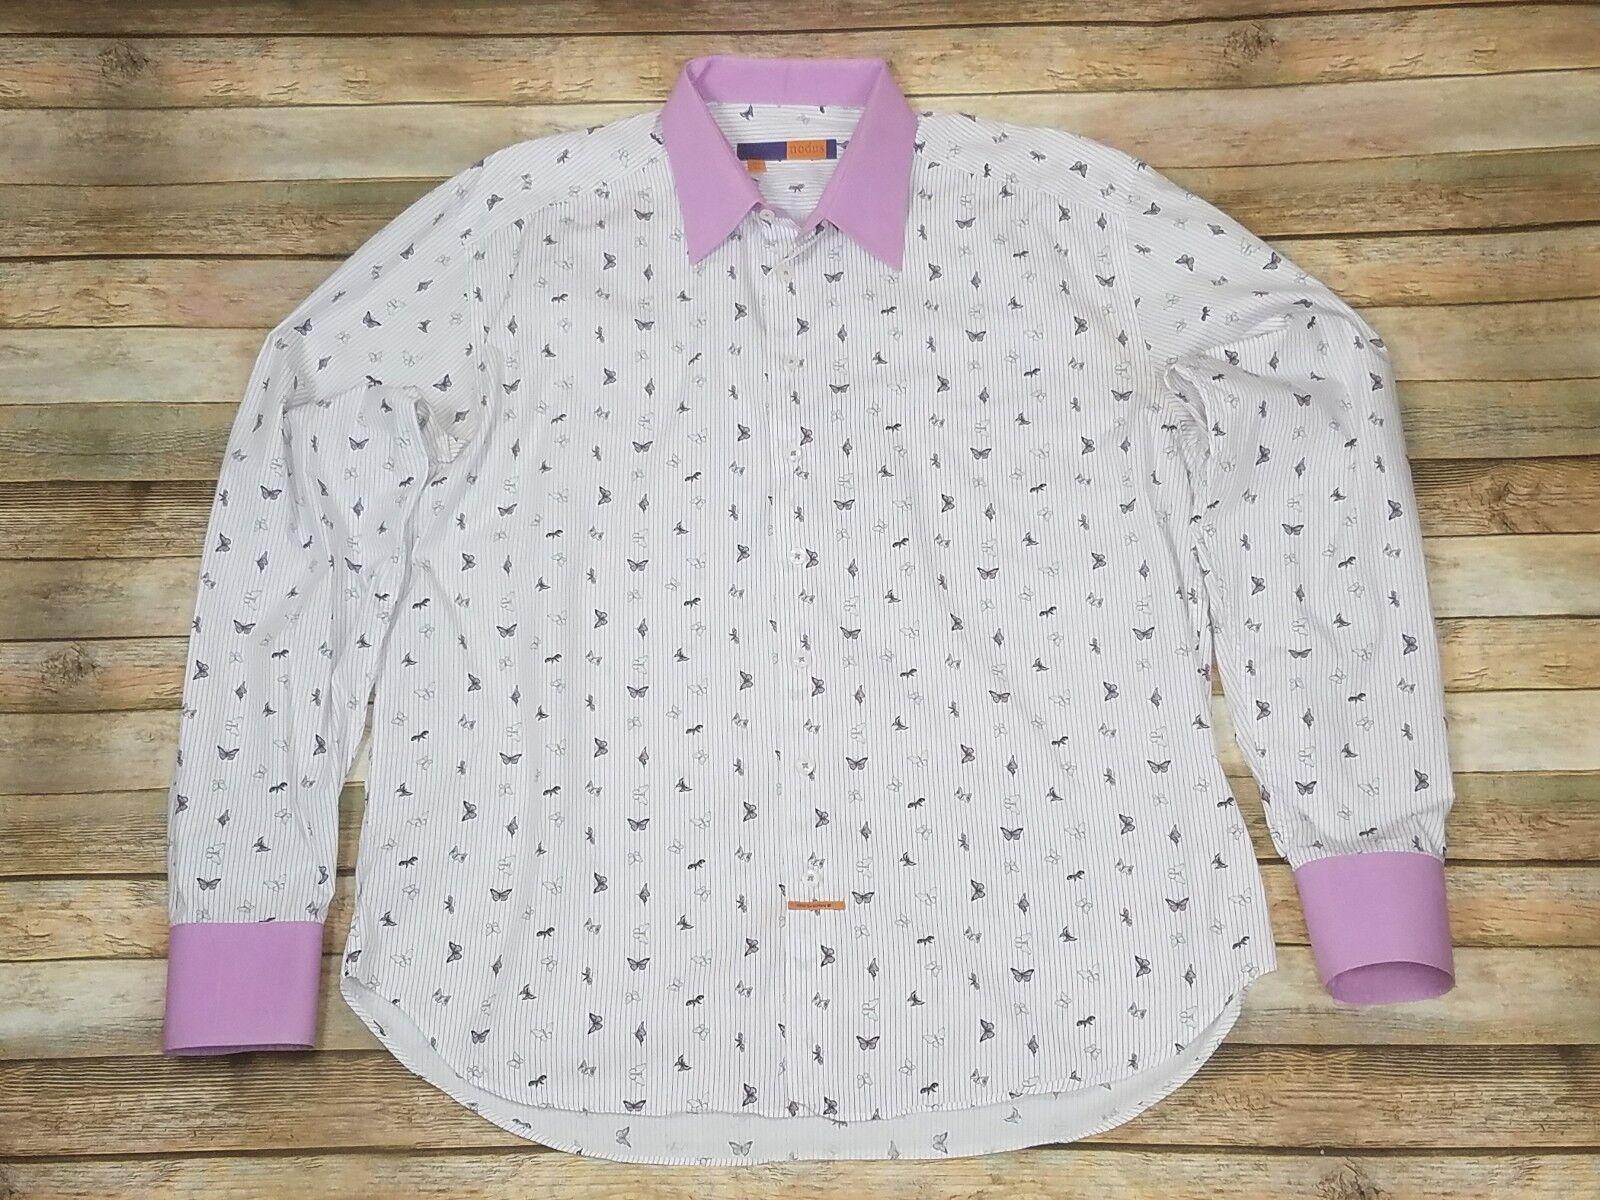 Nodus Masculin Latin Dress Shirt Butterflys Contrasting Collar Cuffs 17.5 44